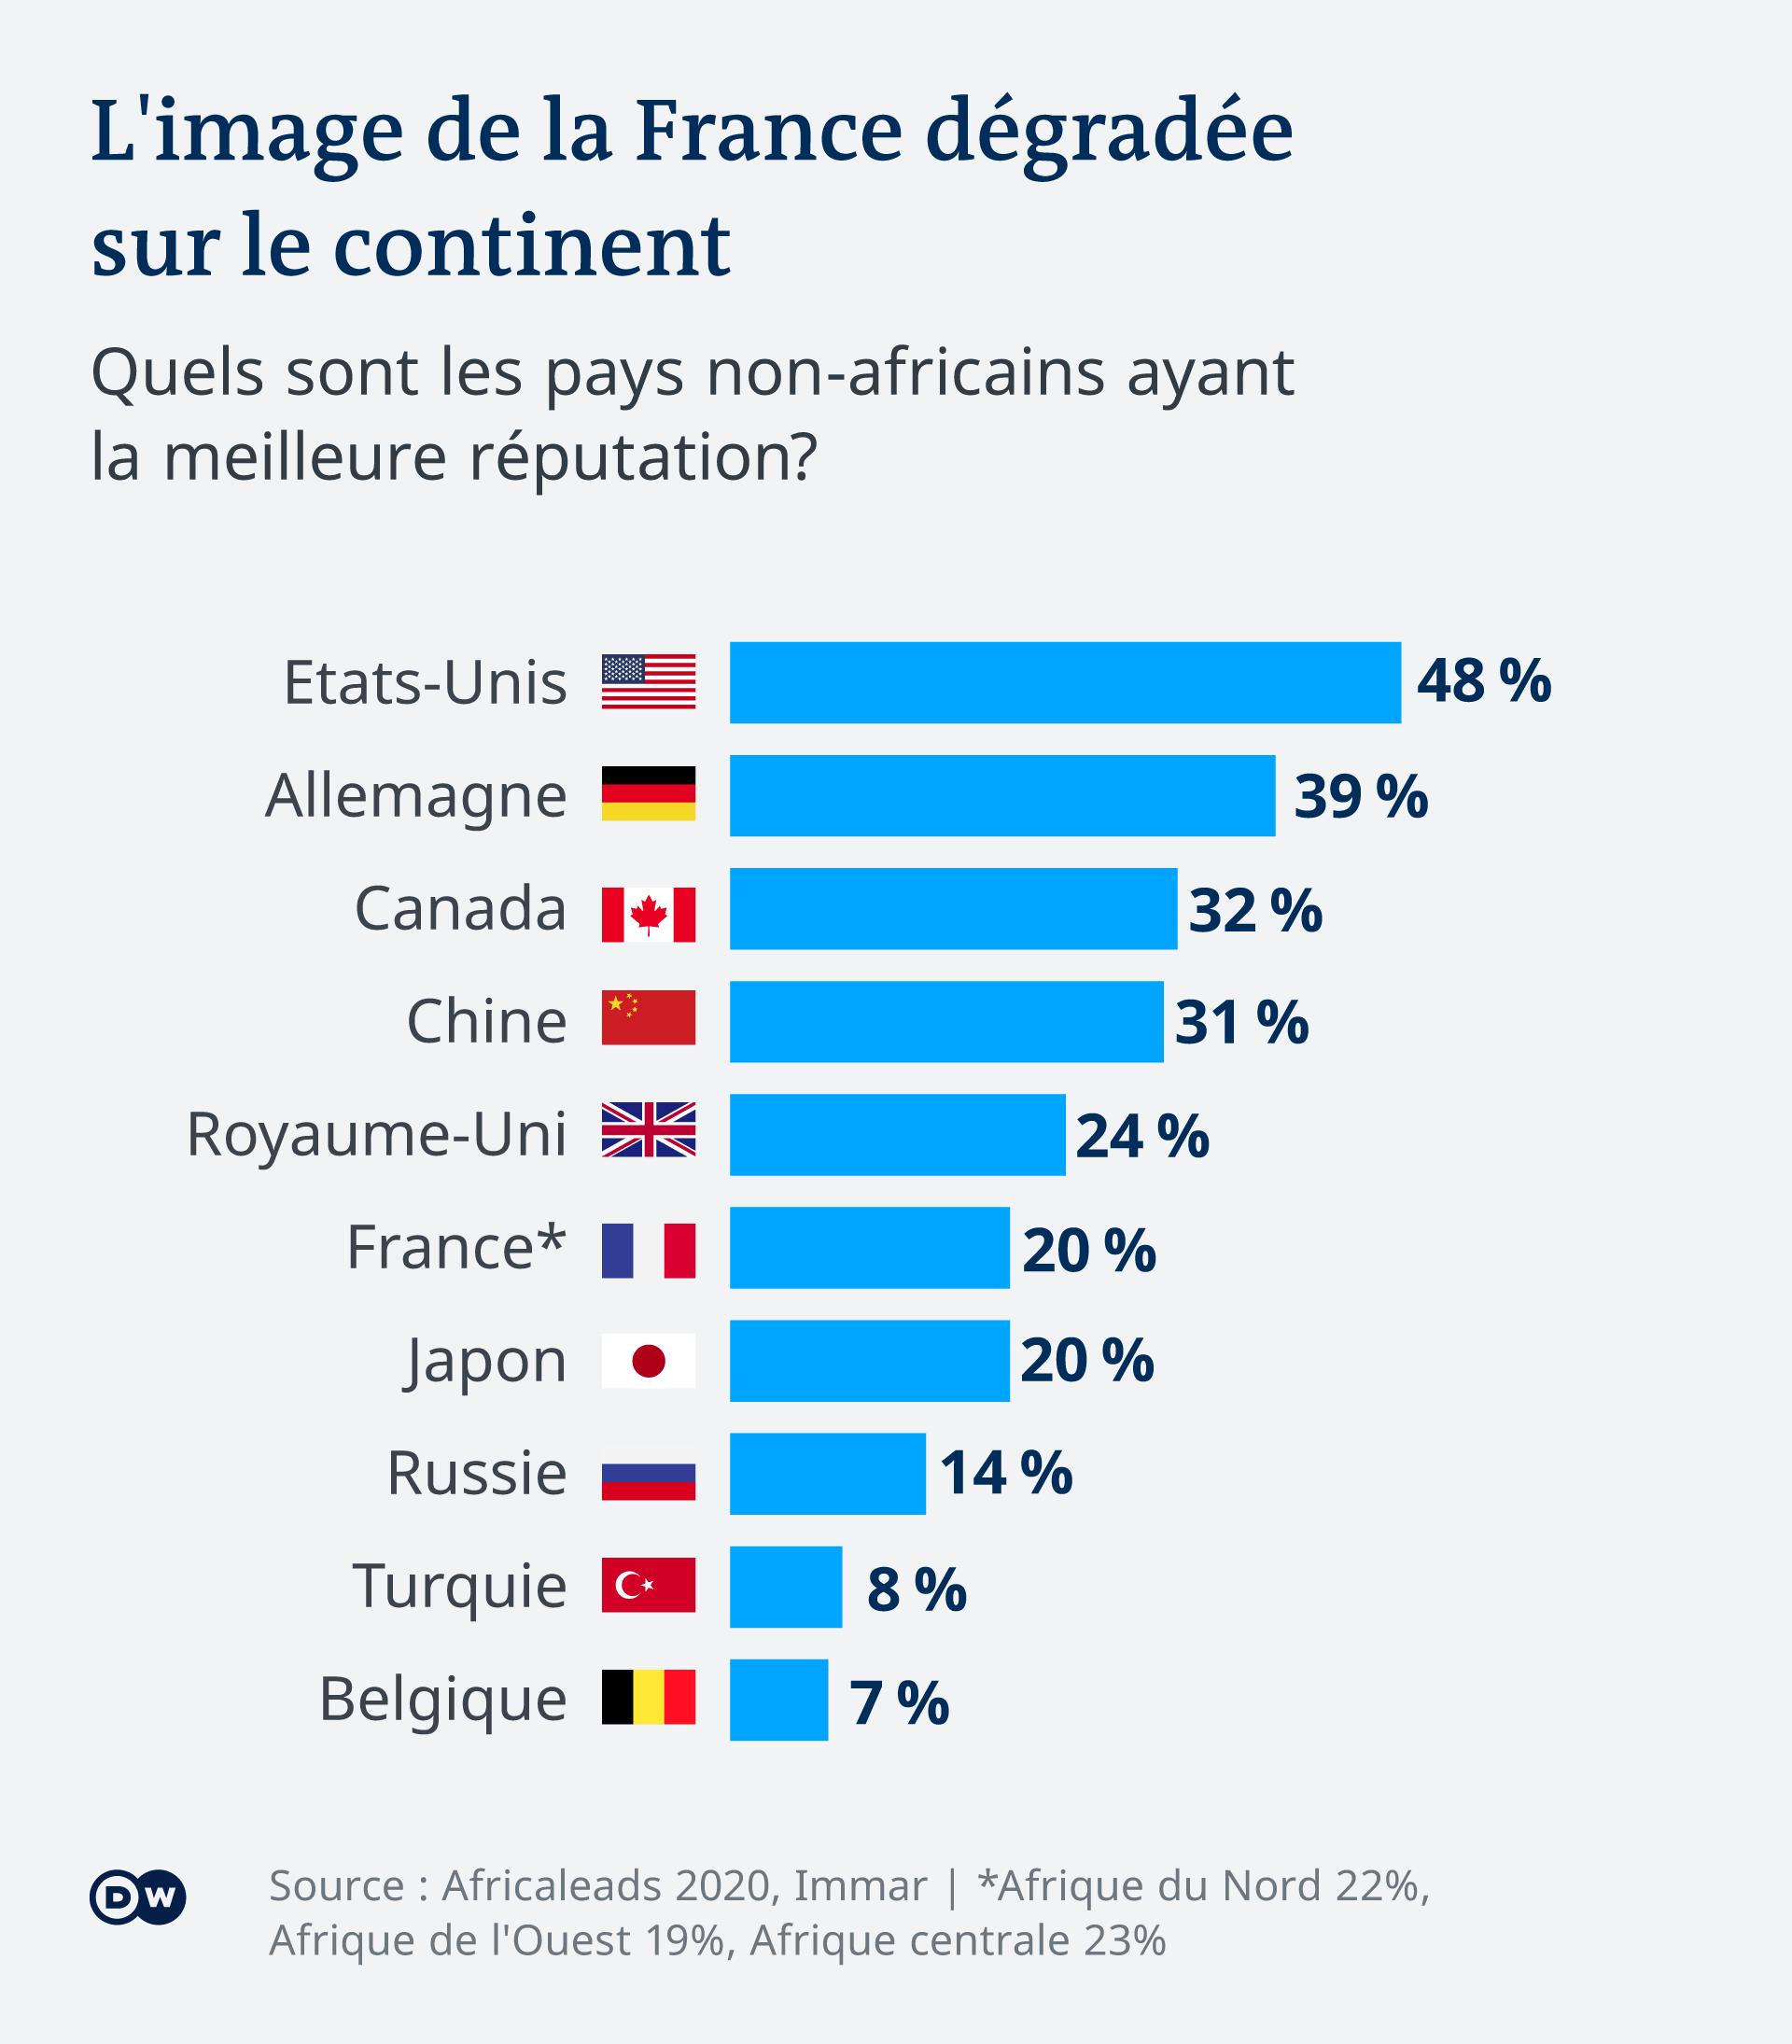 La France arrive loin derrière l'Allemagne en terme d'image sur le continent.